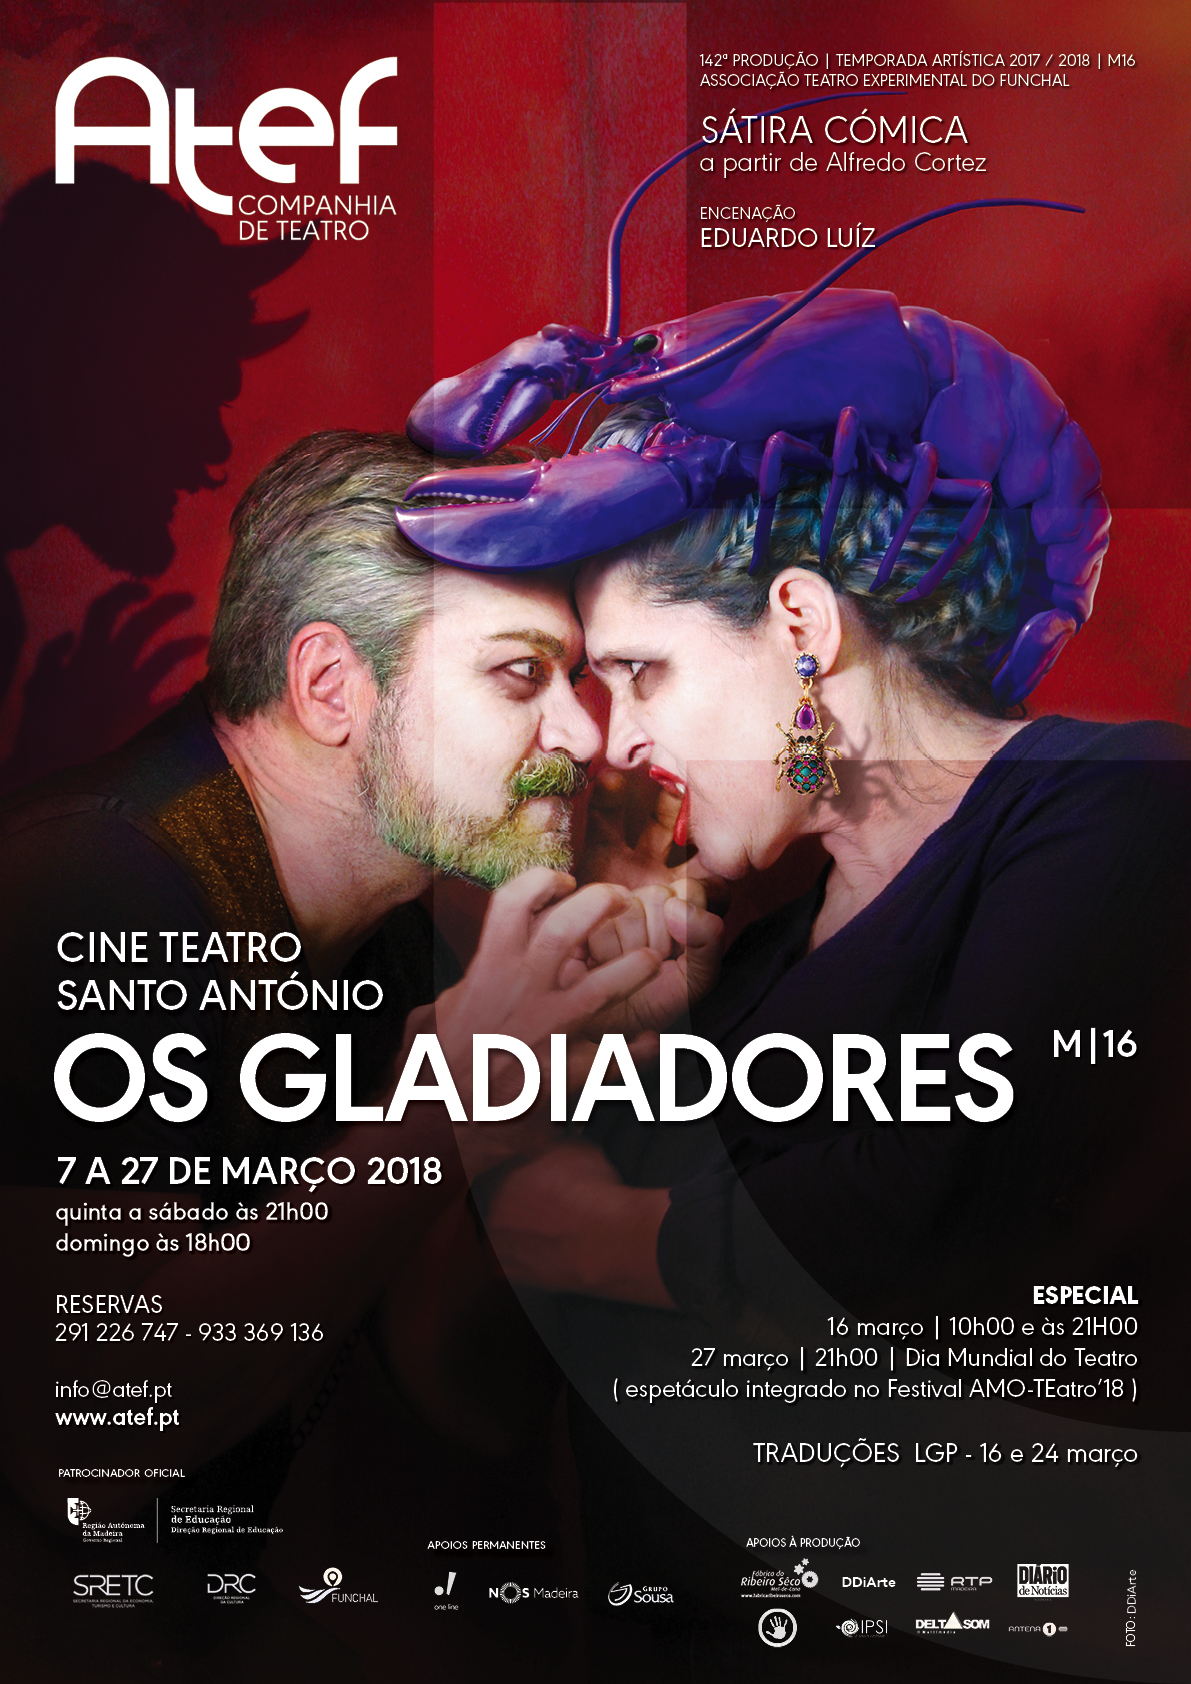 800_141_os_gladiadores_1